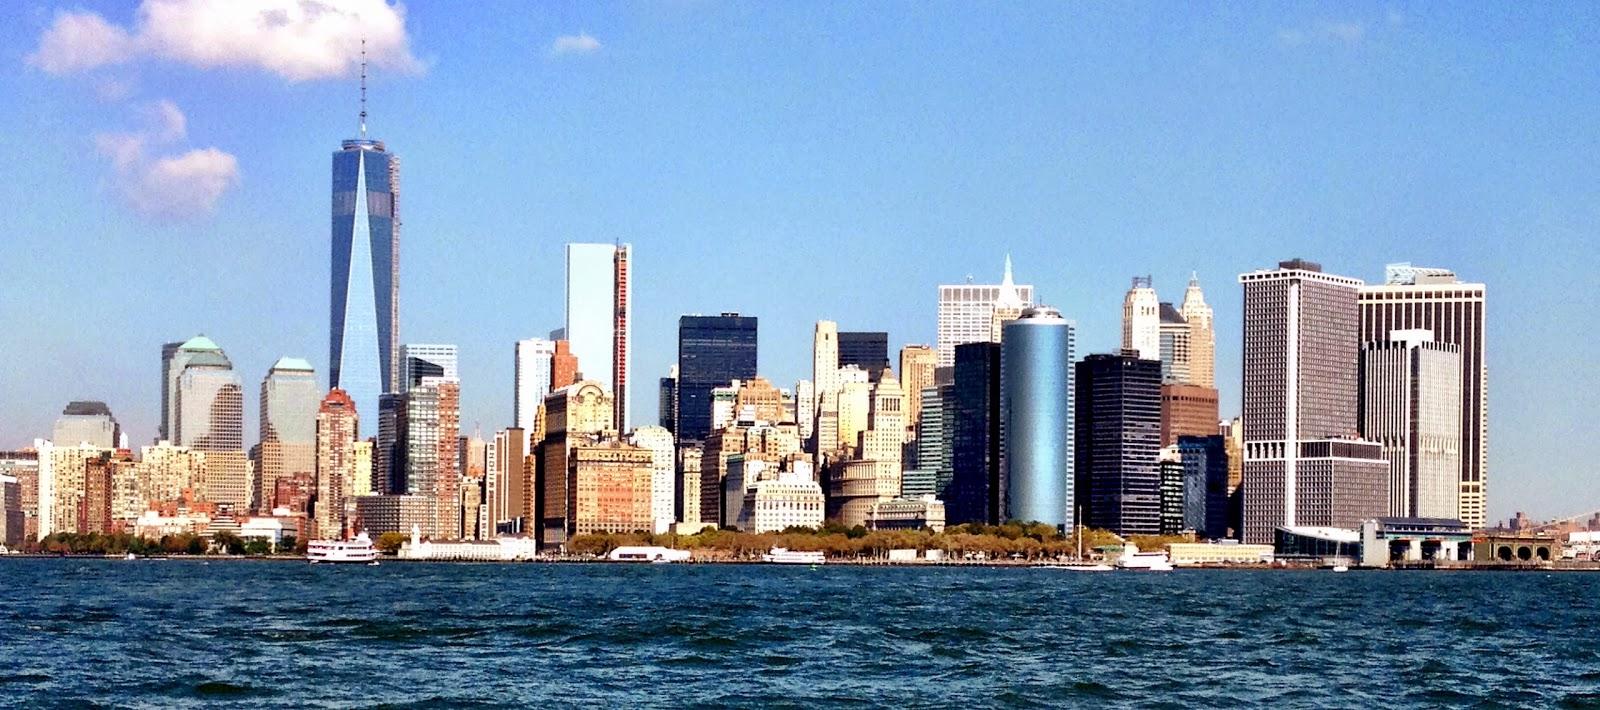 Freedom Tower NYC Skyline 1600x710